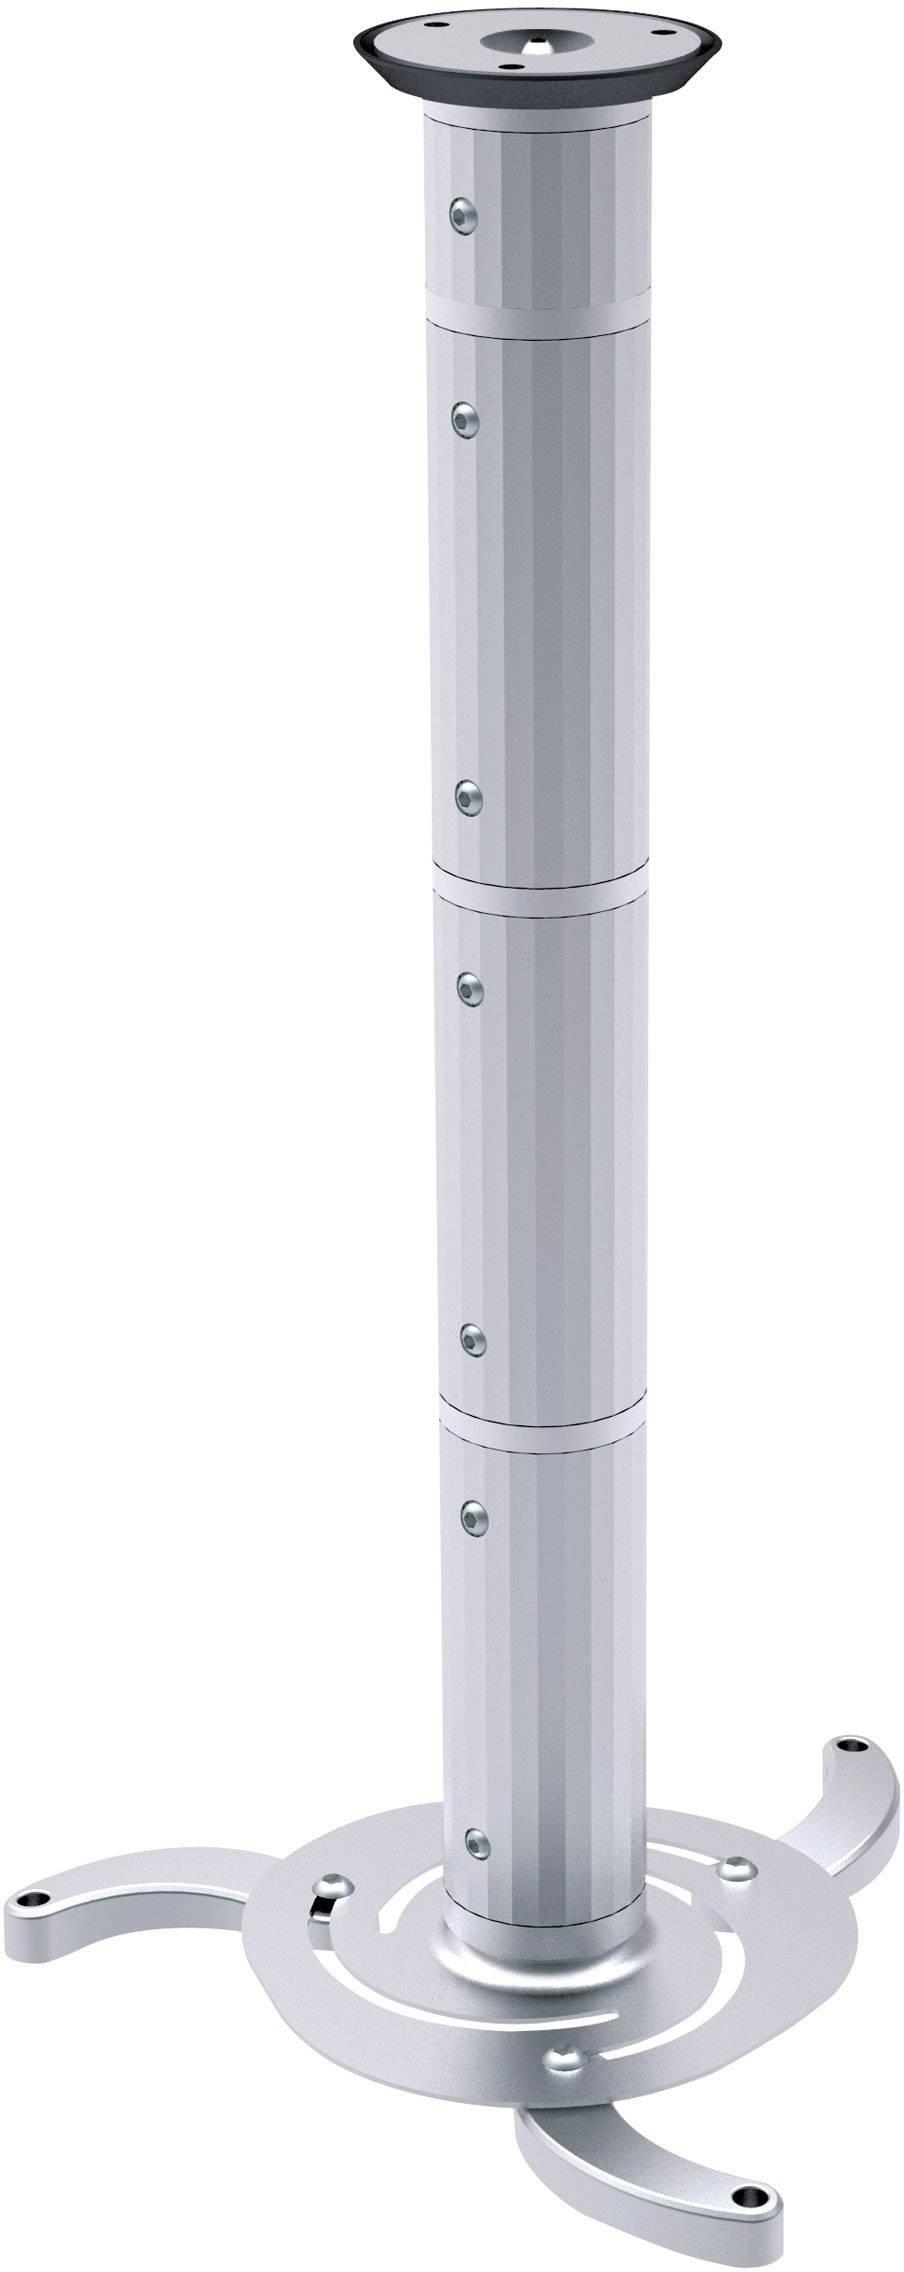 Stropný držiak projektorov SpeaKa Professional, nastaviteľný 13 - 106 cm